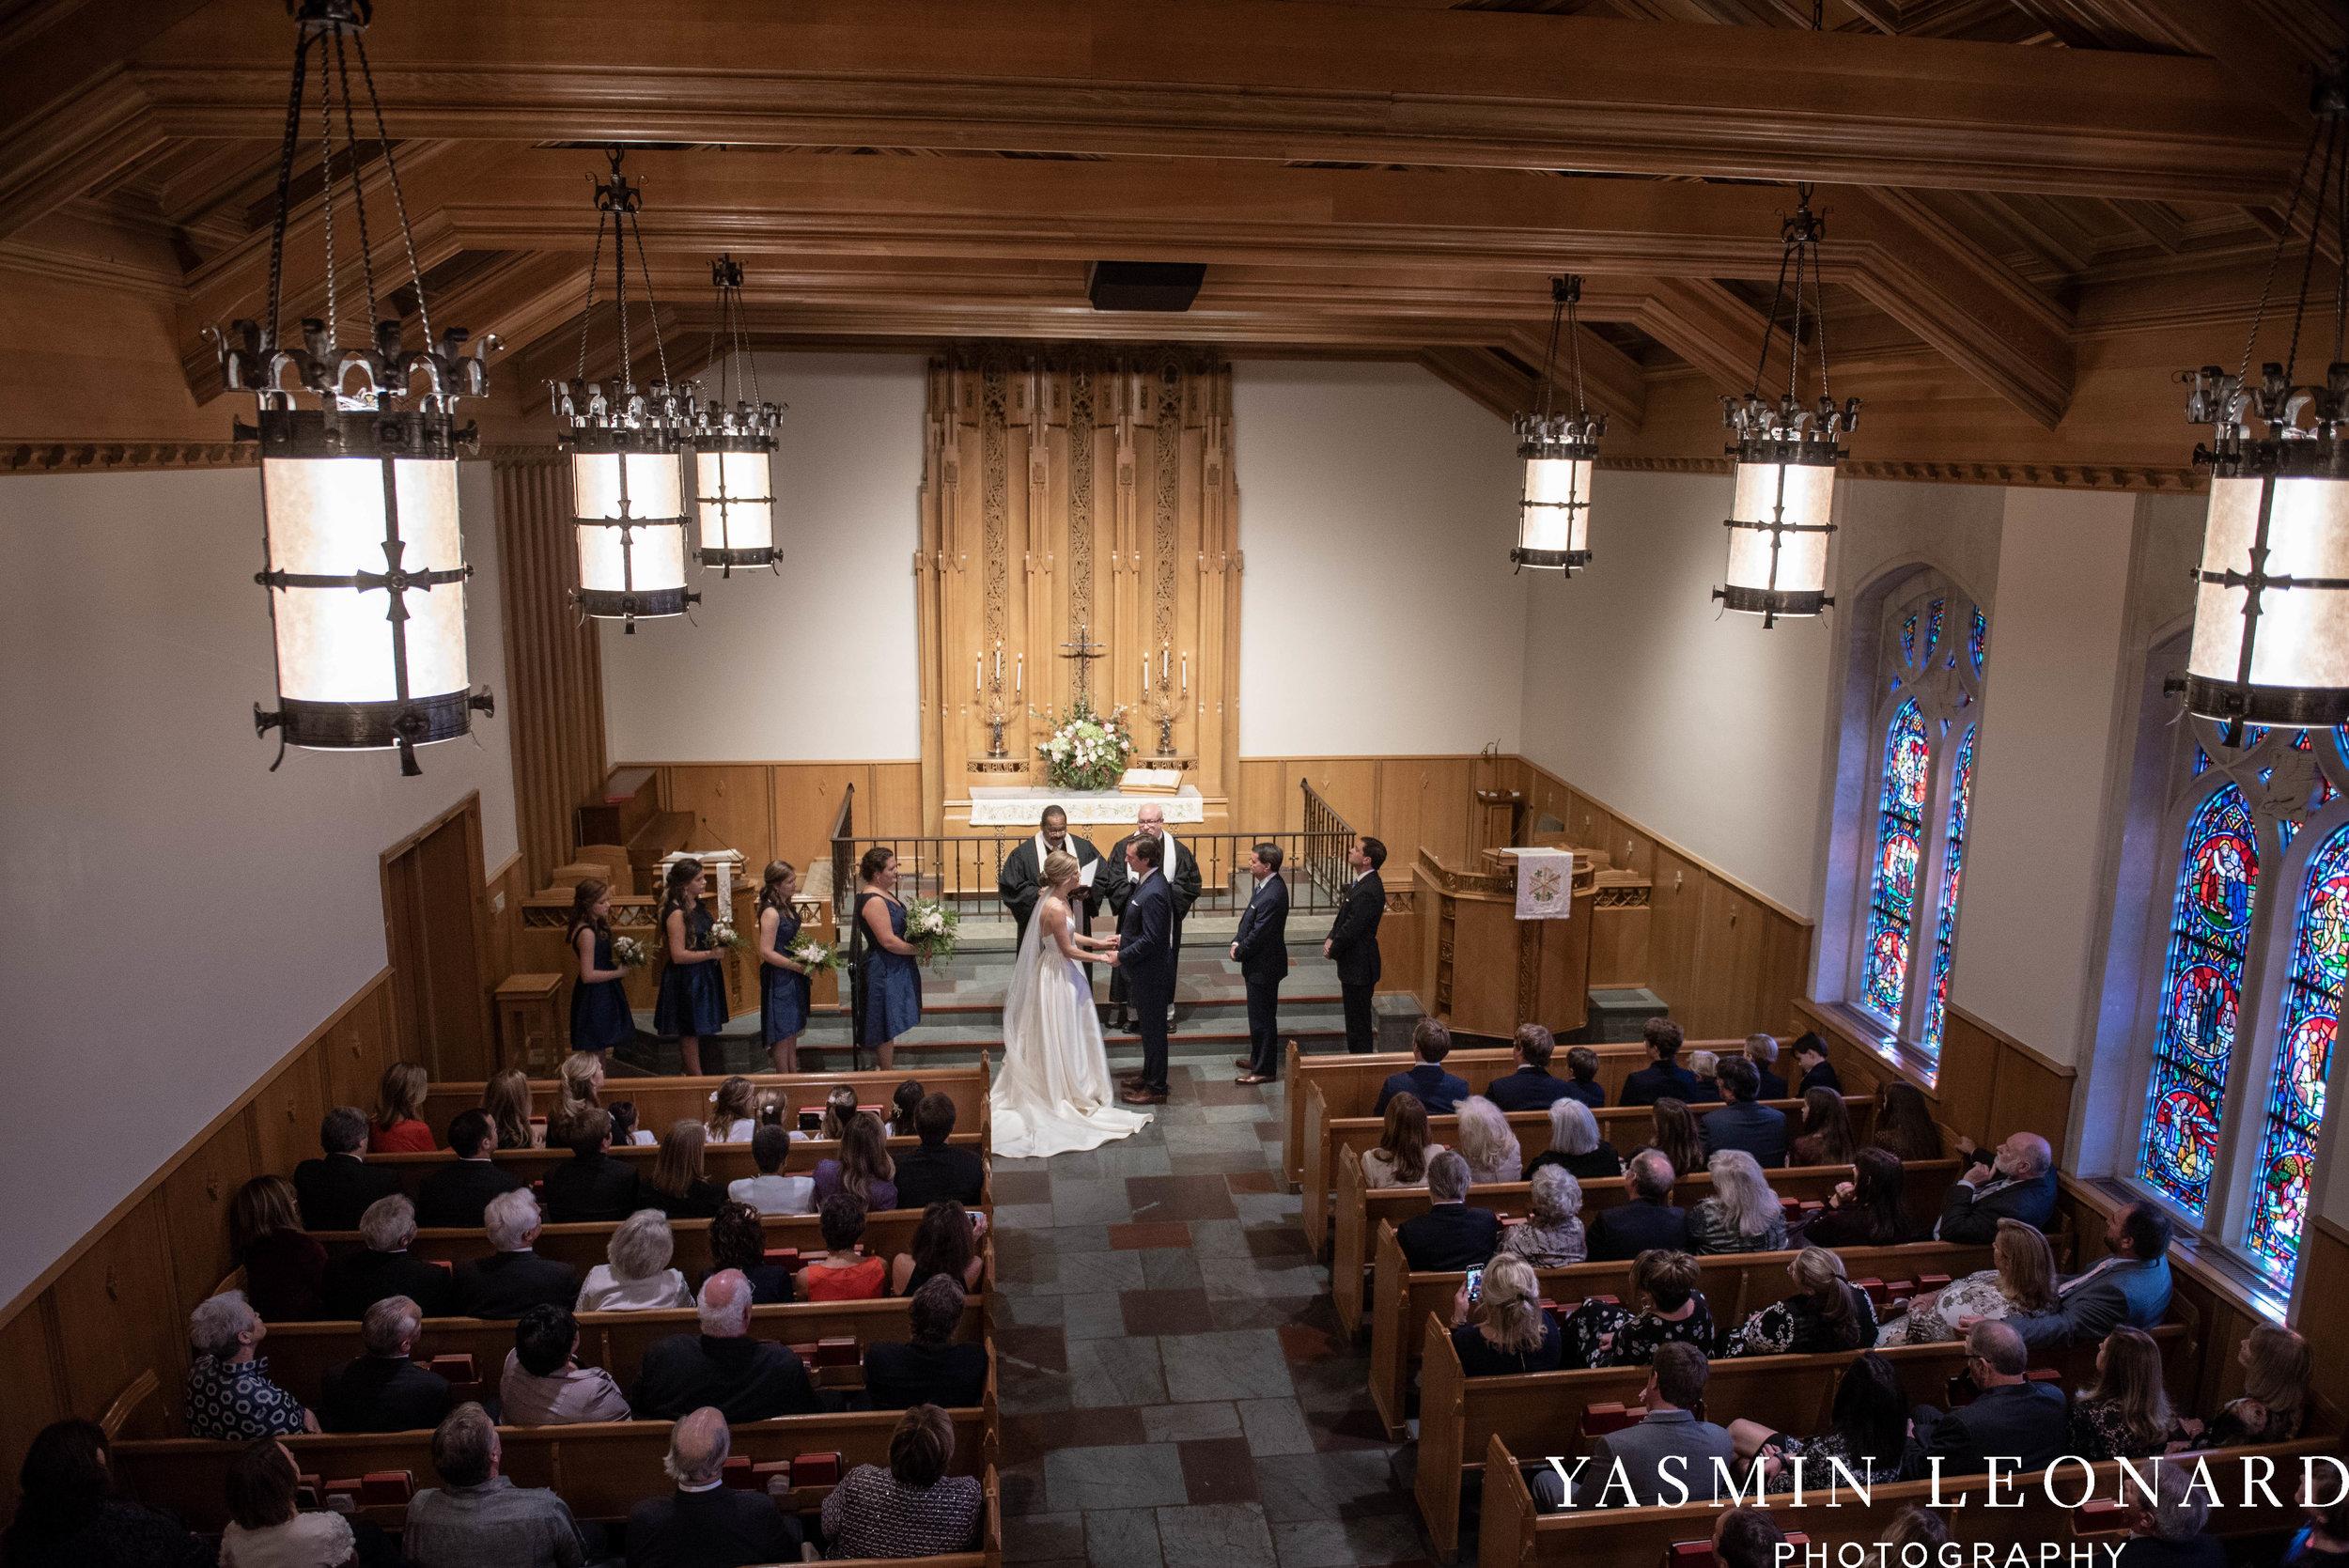 Wesley Memorial United Methodist Church - EmeryWood - High Point Weddings - High Point Wedding Photographer - NC Wedding Photographer - Yasmin Leonard Photography-22.jpg